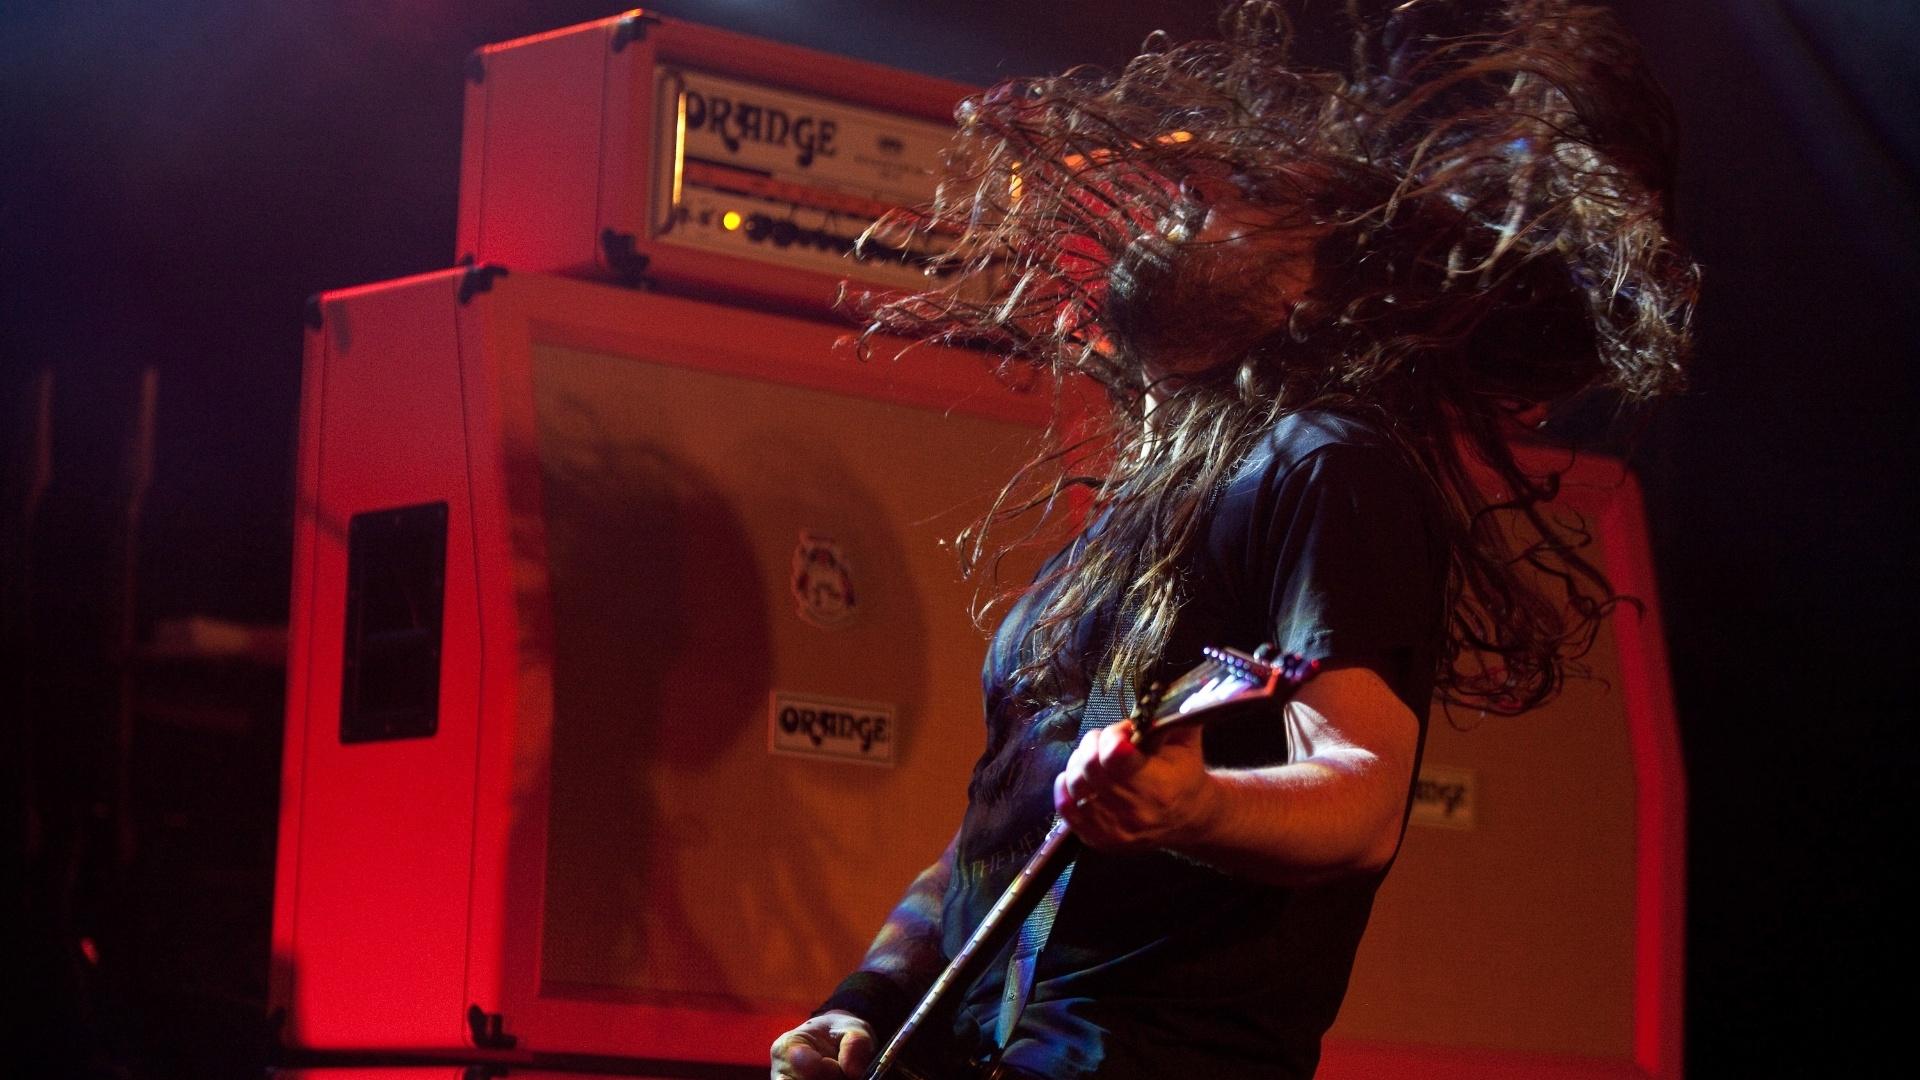 24.out.2013 - Sepultura comemora 20 anos de carreira com show com o repertório de